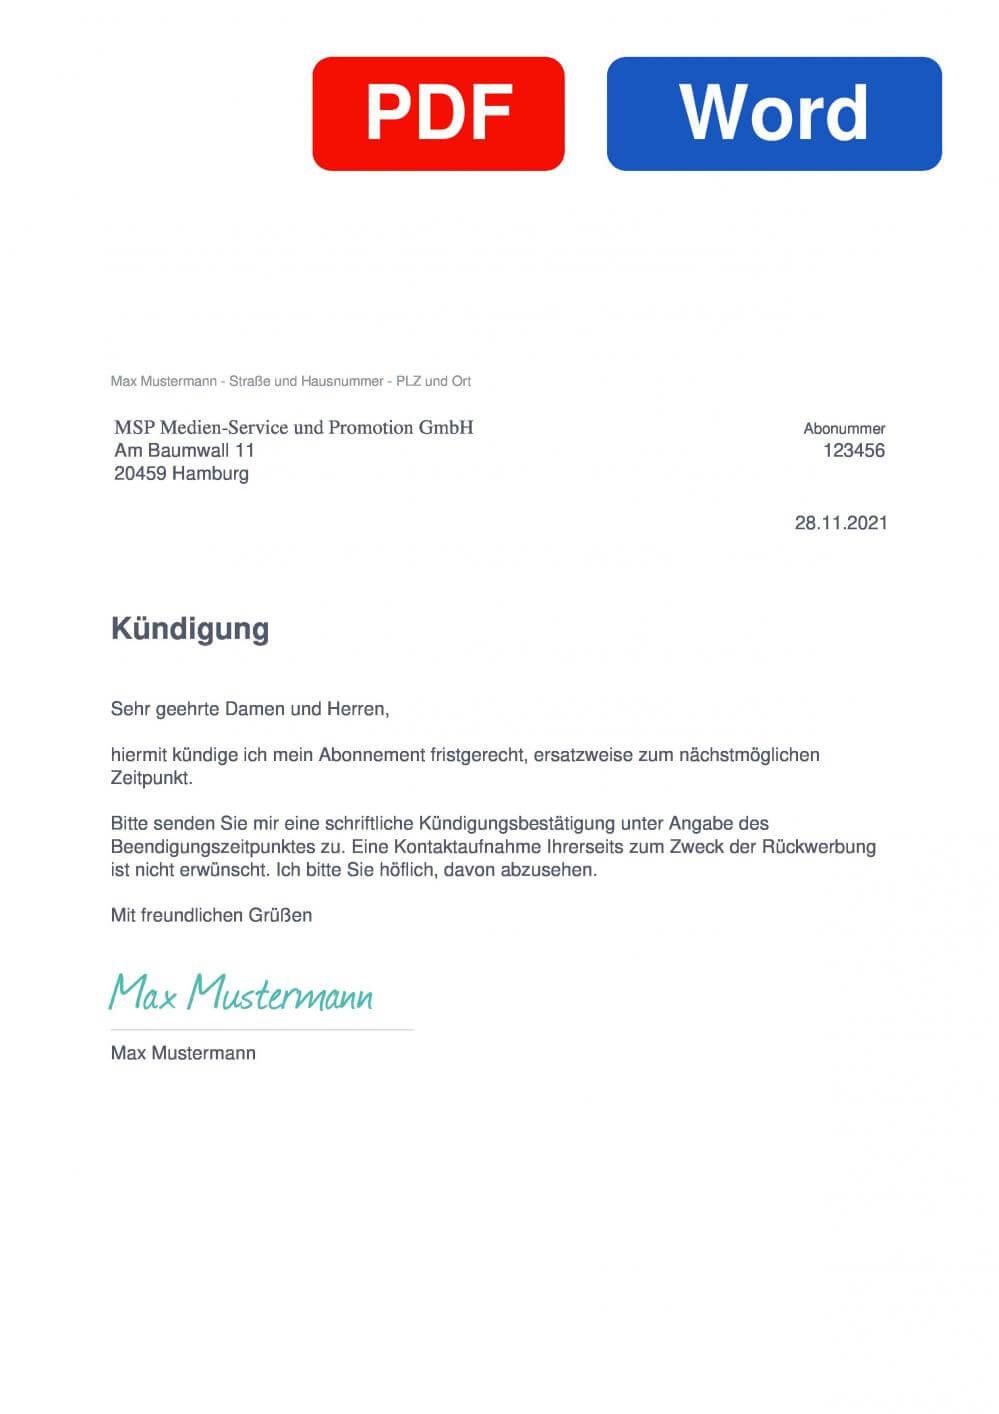 Meinabo Muster Vorlage für Kündigungsschreiben